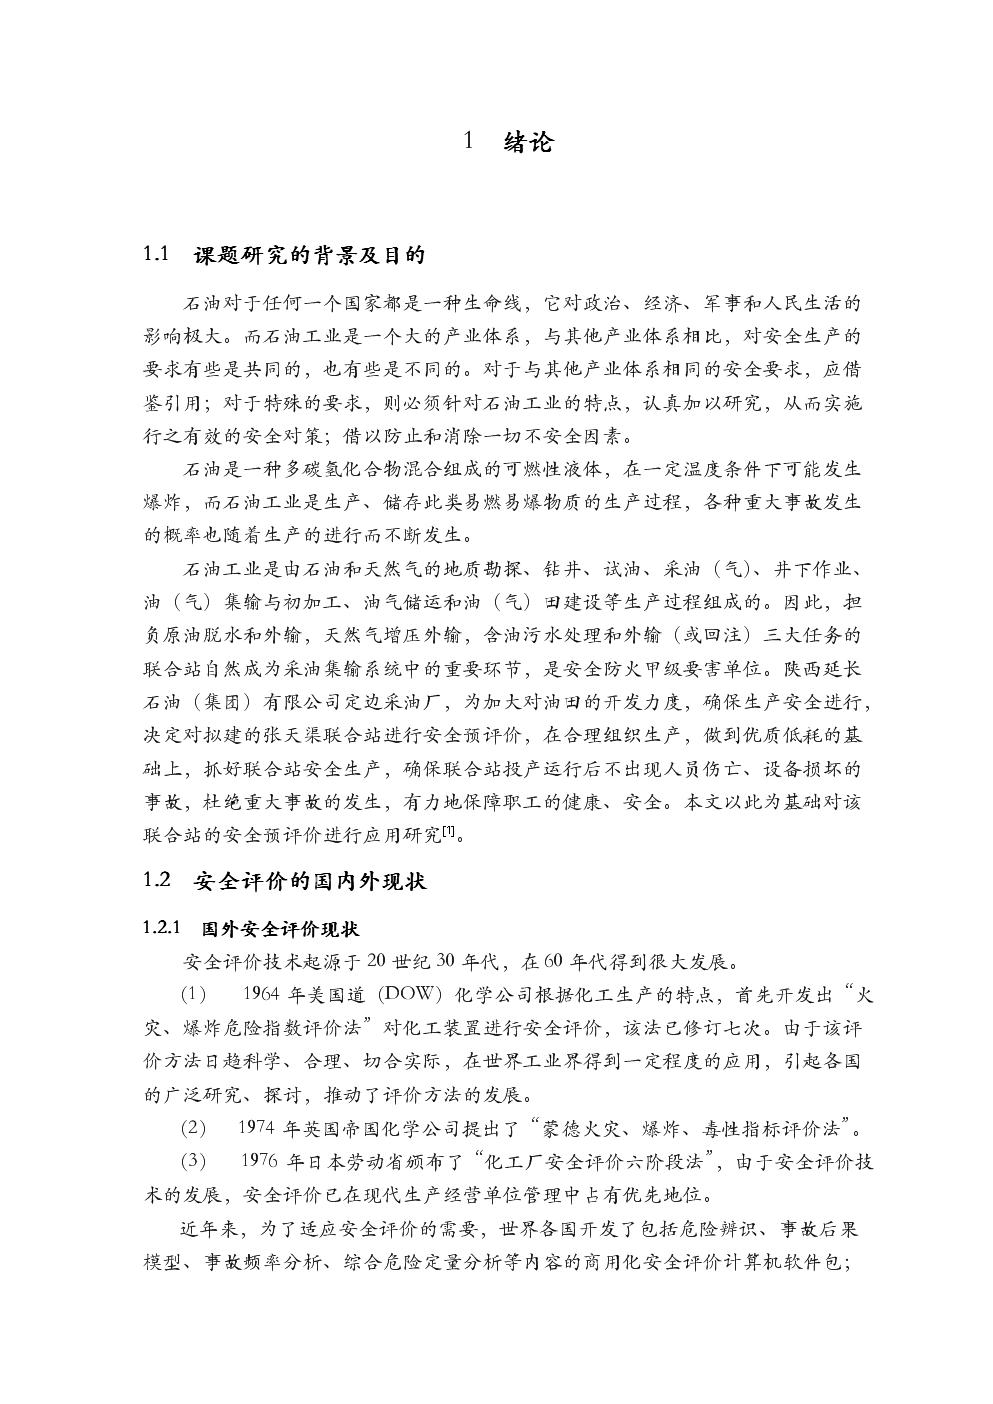 张天渠联合站安全预评价应用研究.doc